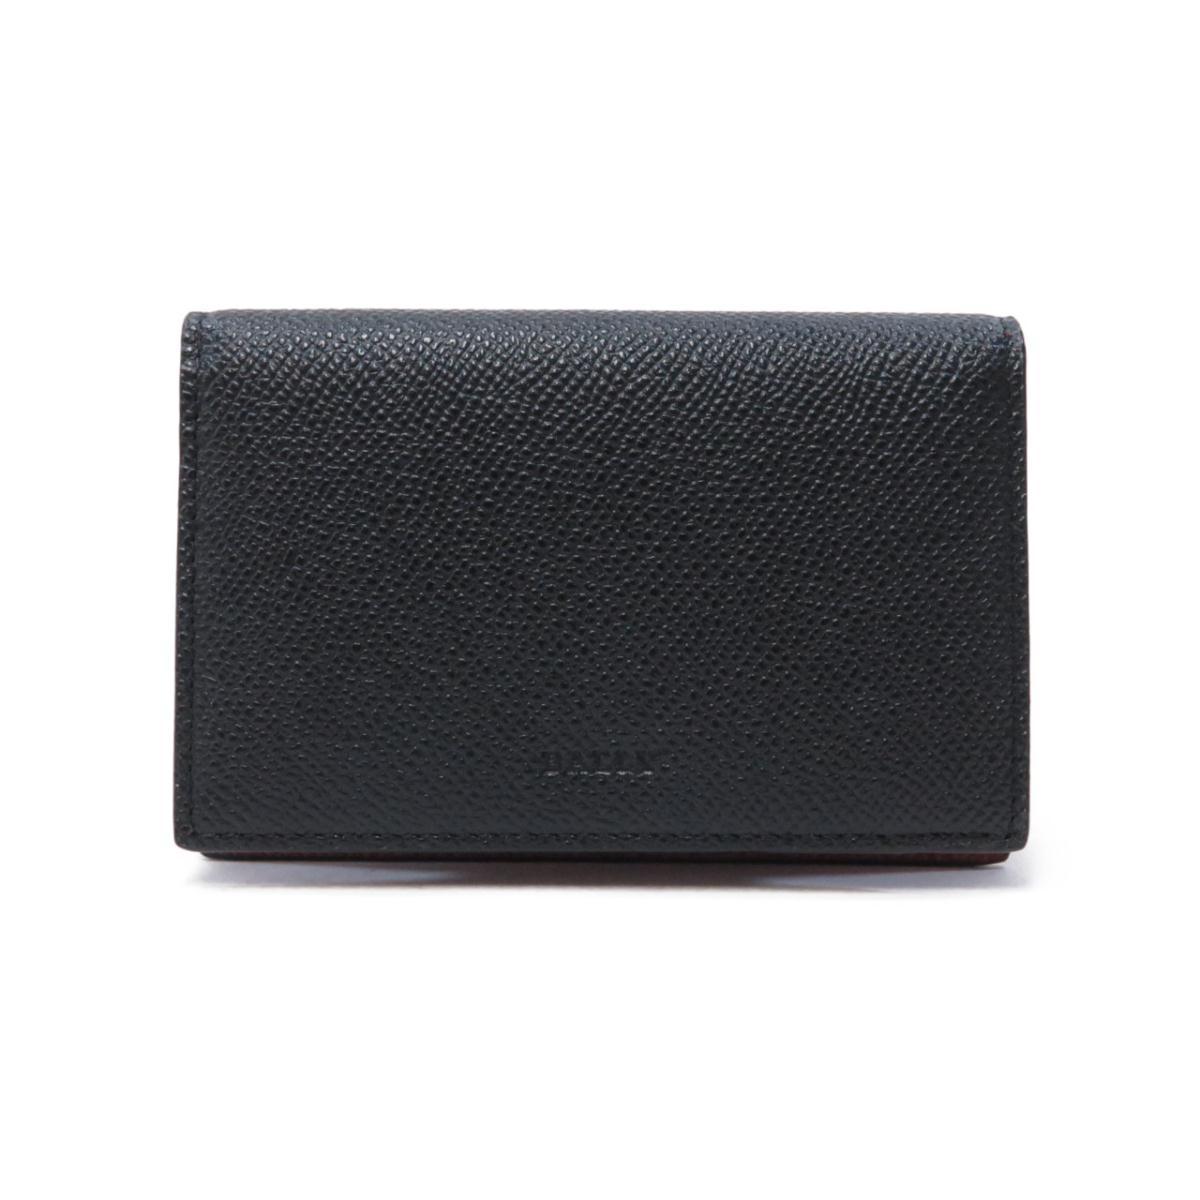 【新品】バリー カードケース BALEE B【新品】